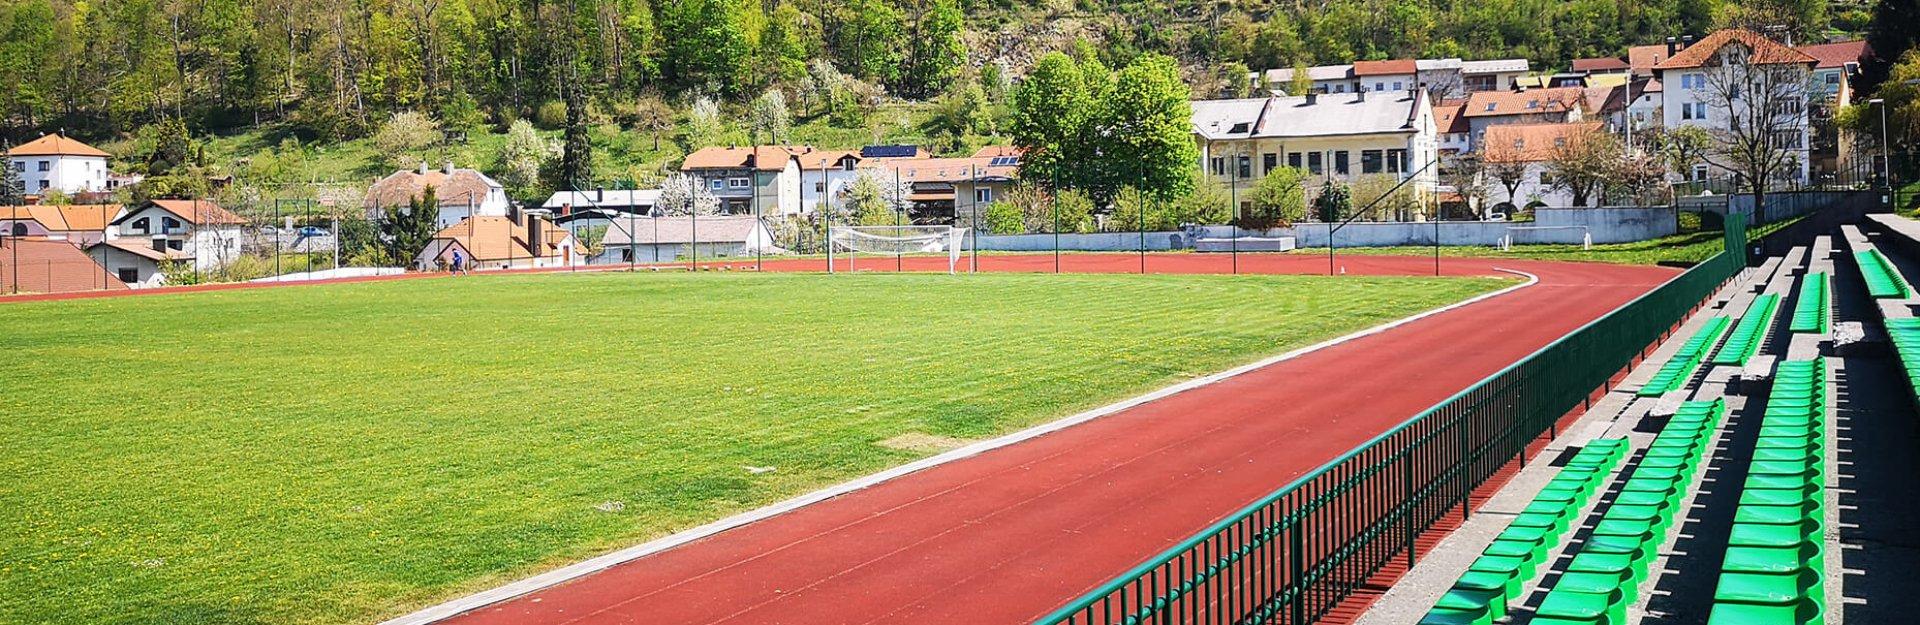 Športni park Postojna